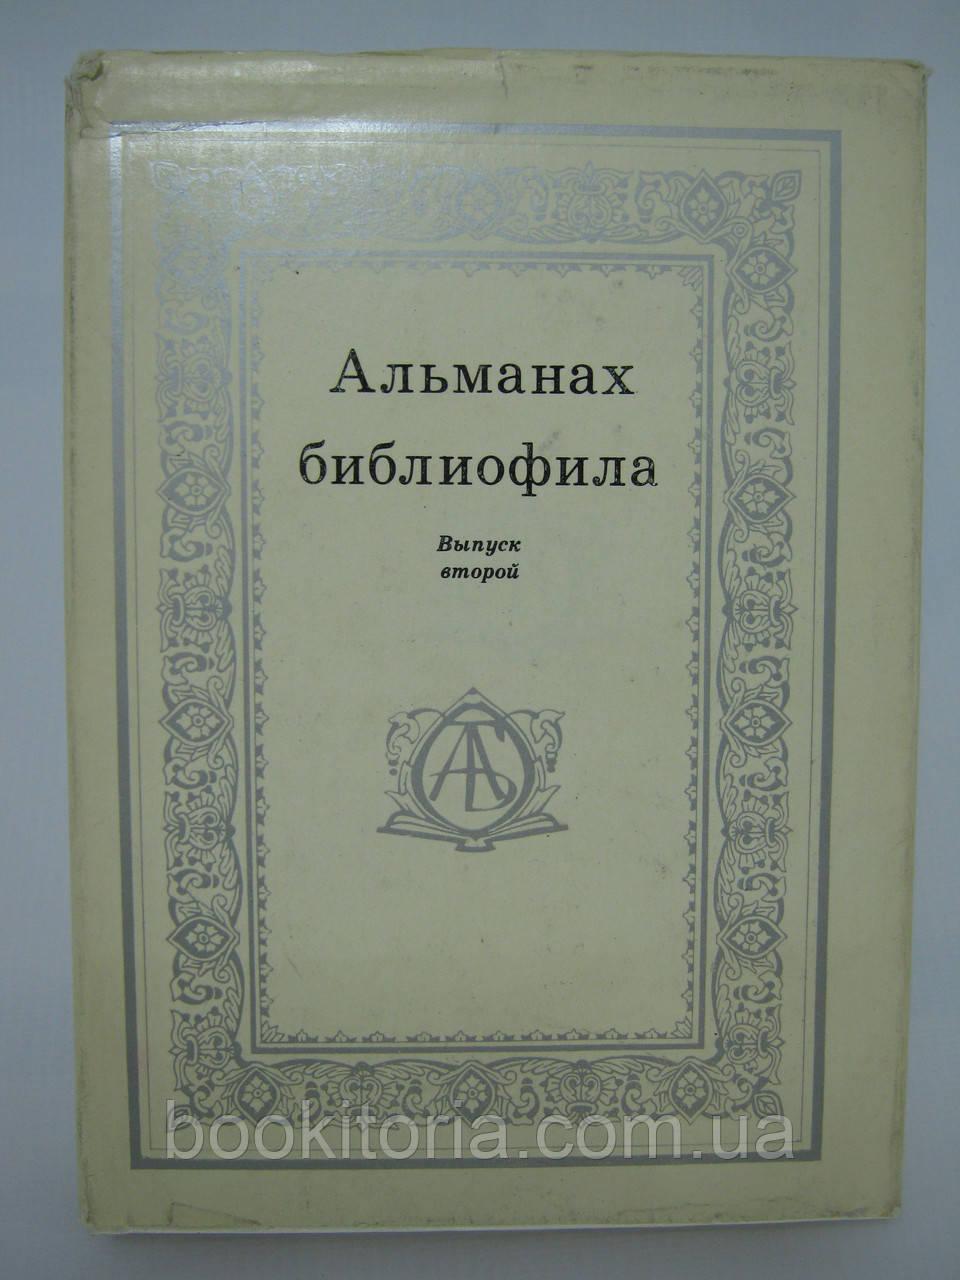 Альманах библиофила. Выпуск второй (б/у).